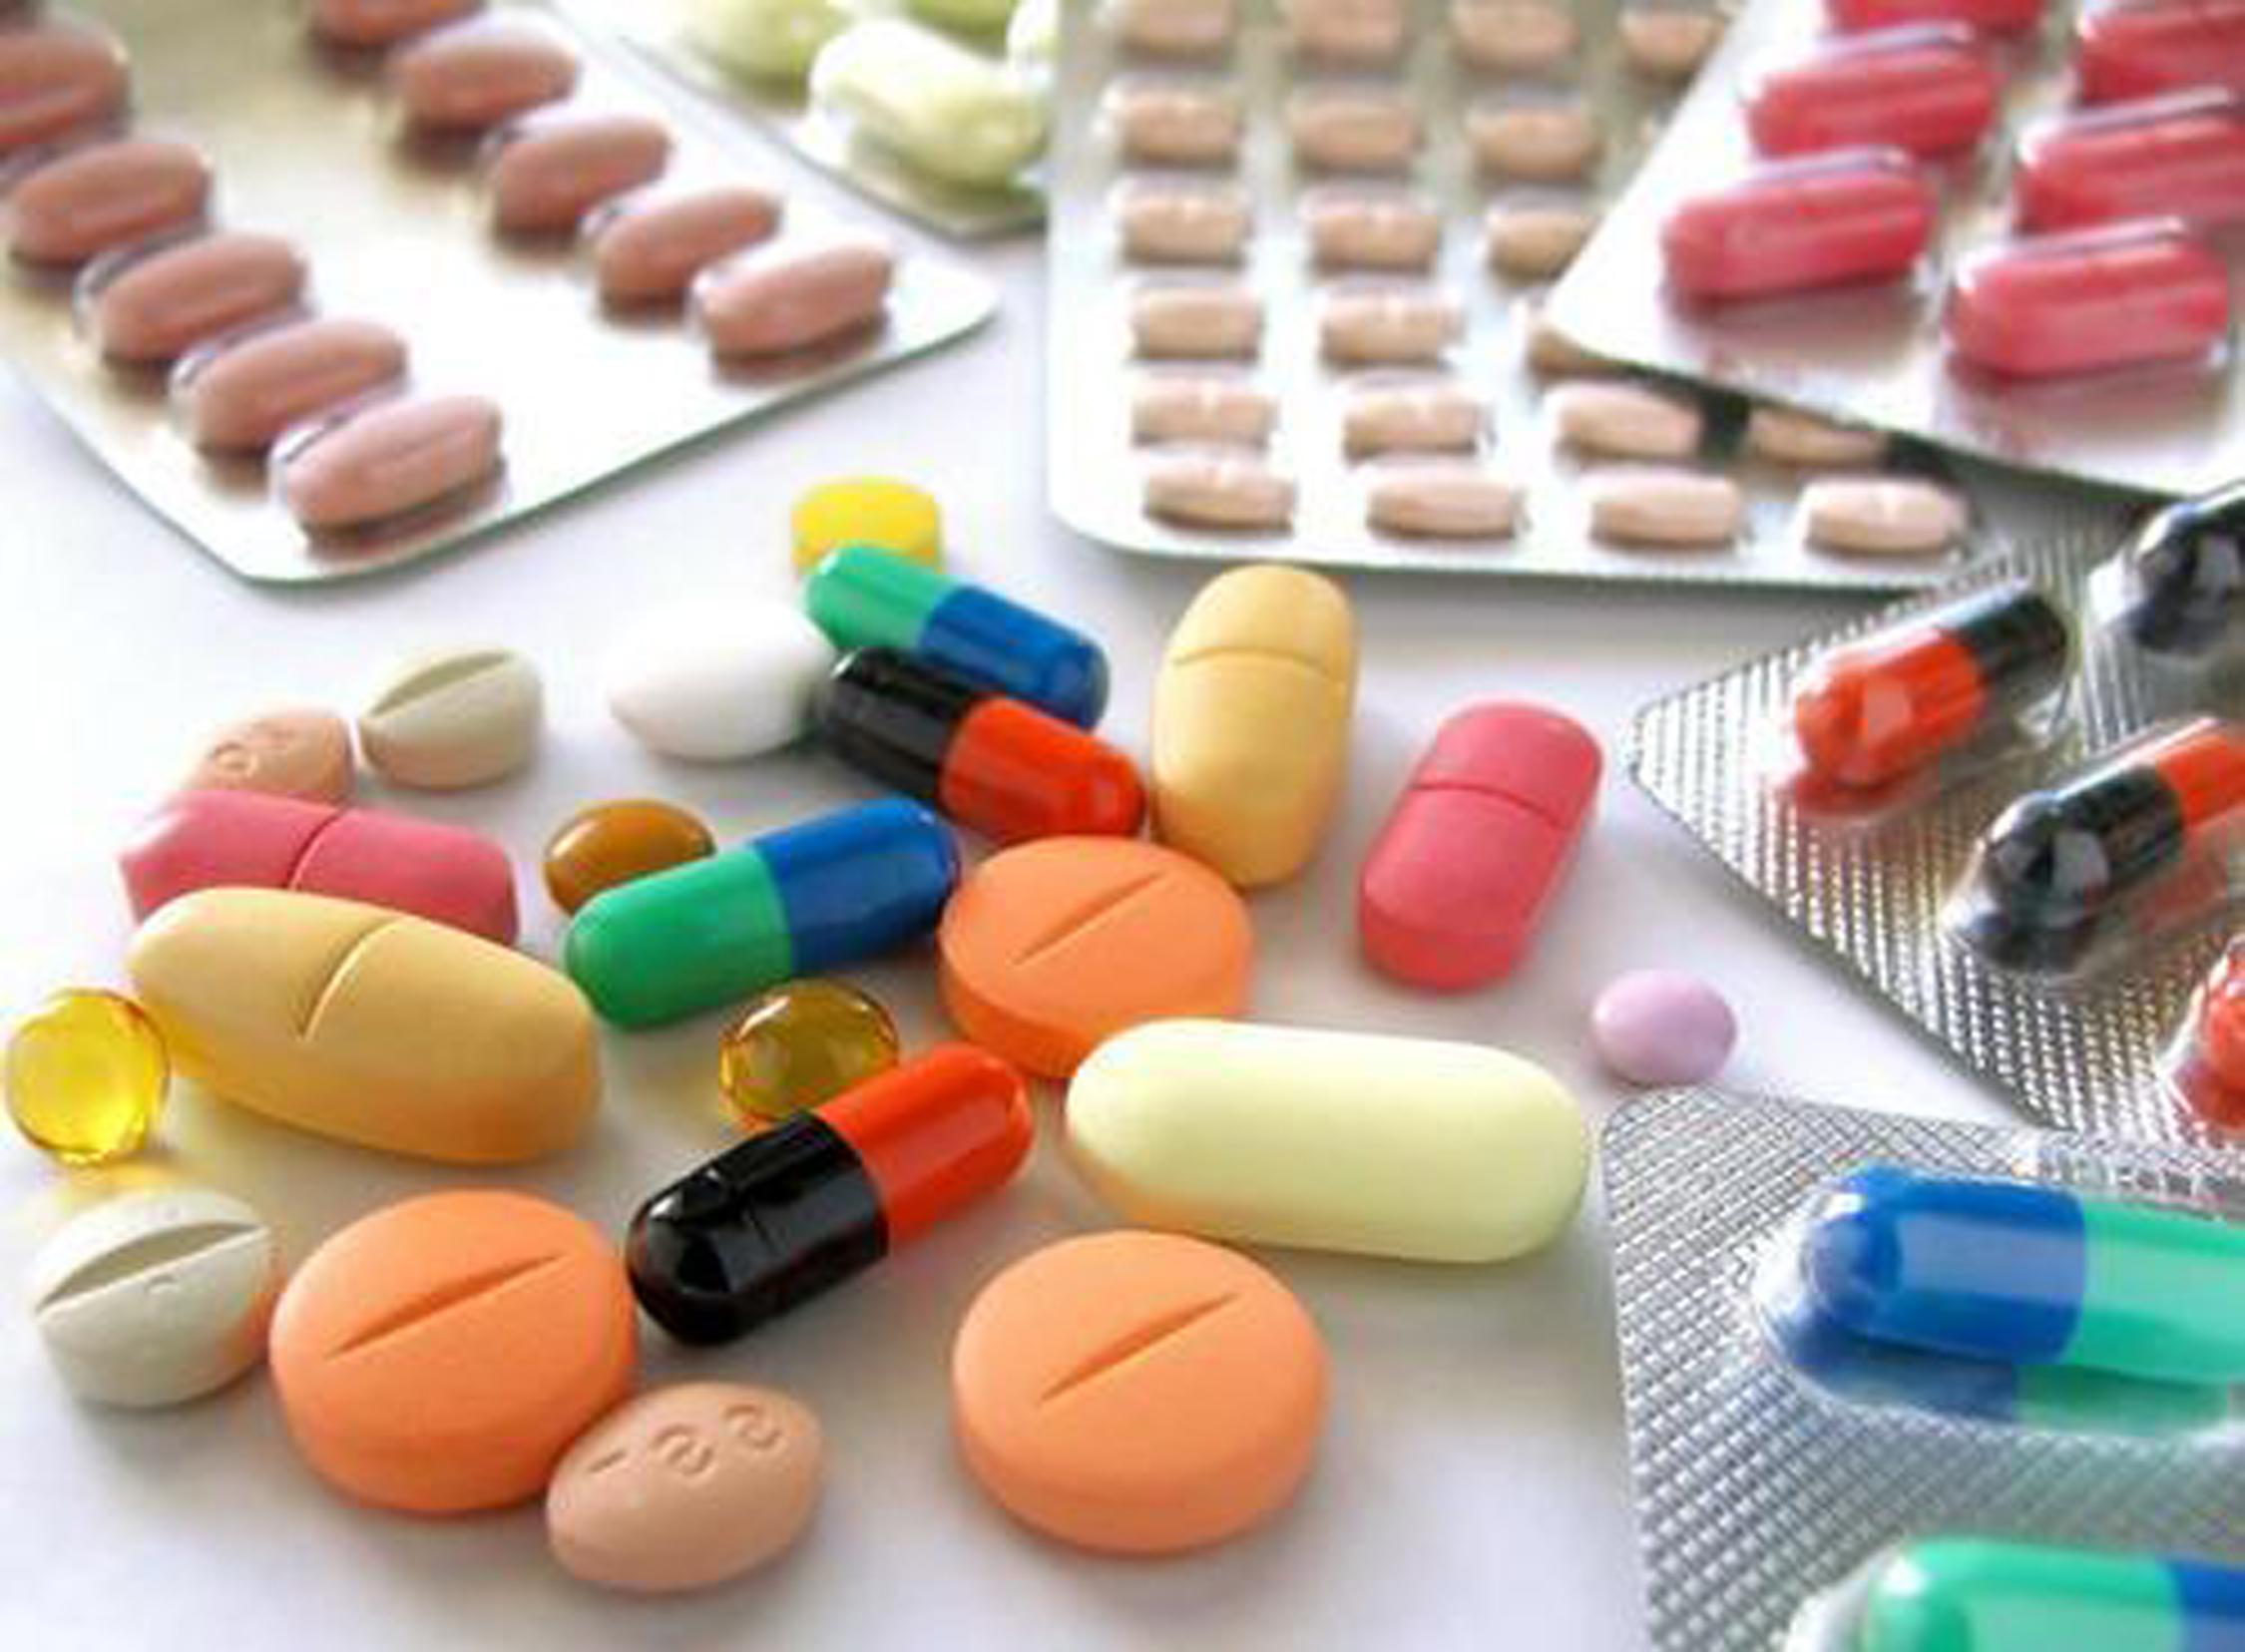 Xuất nhập khẩu Việt Nam và Áo tháng 5/2020: Dược phẩm là mặt hàng nhập khẩu chính - Ảnh 1.